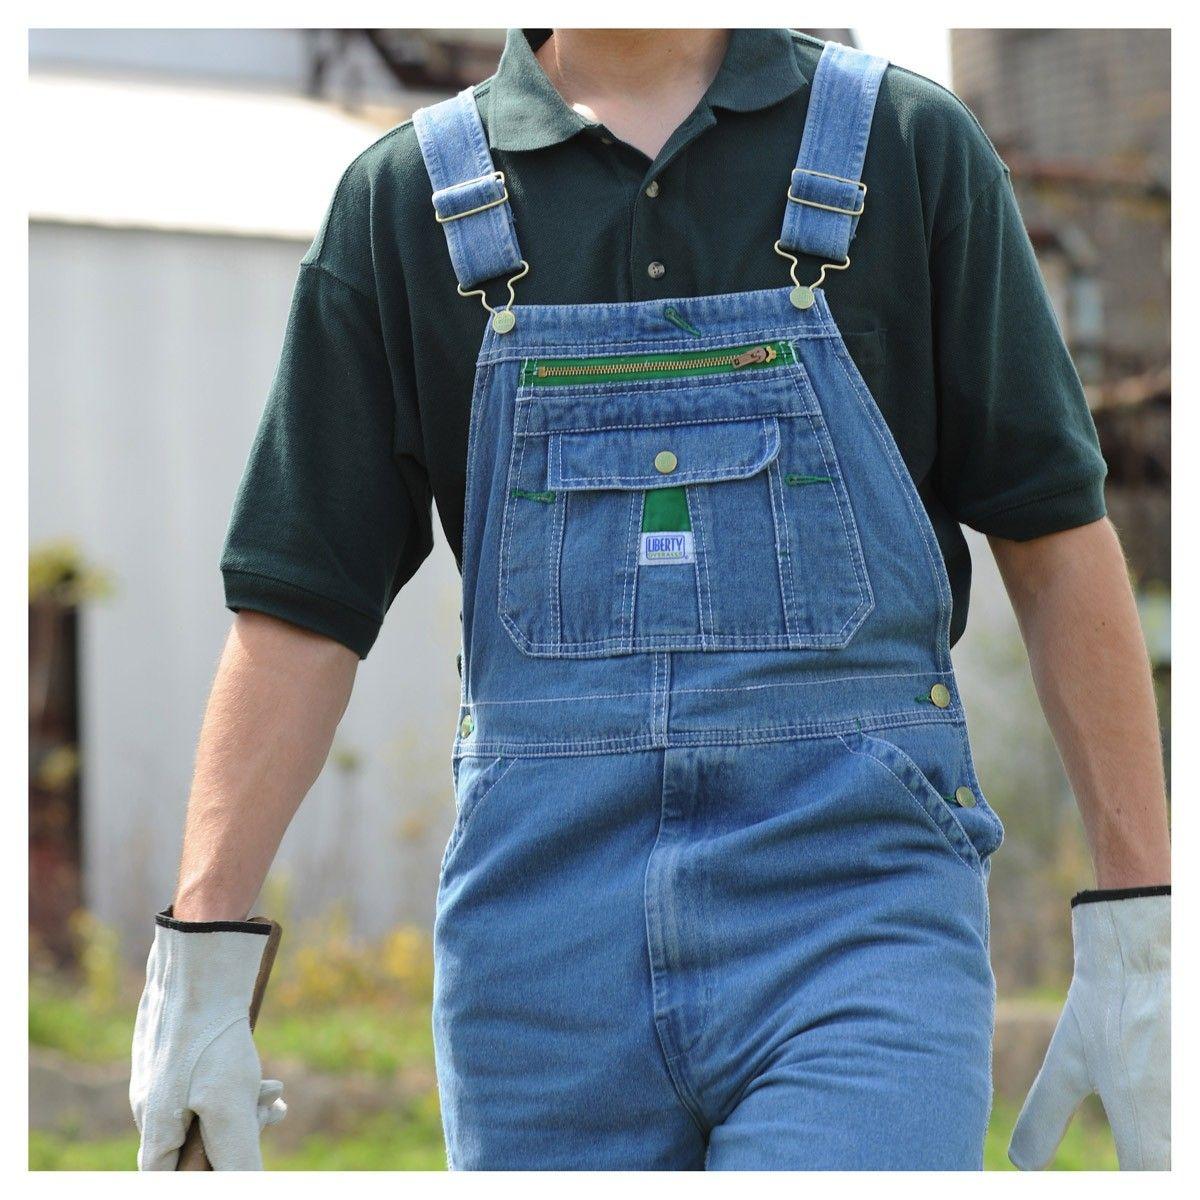 Liberty Bib Overalls For Men Liberty Mens Denim Bib Overalls